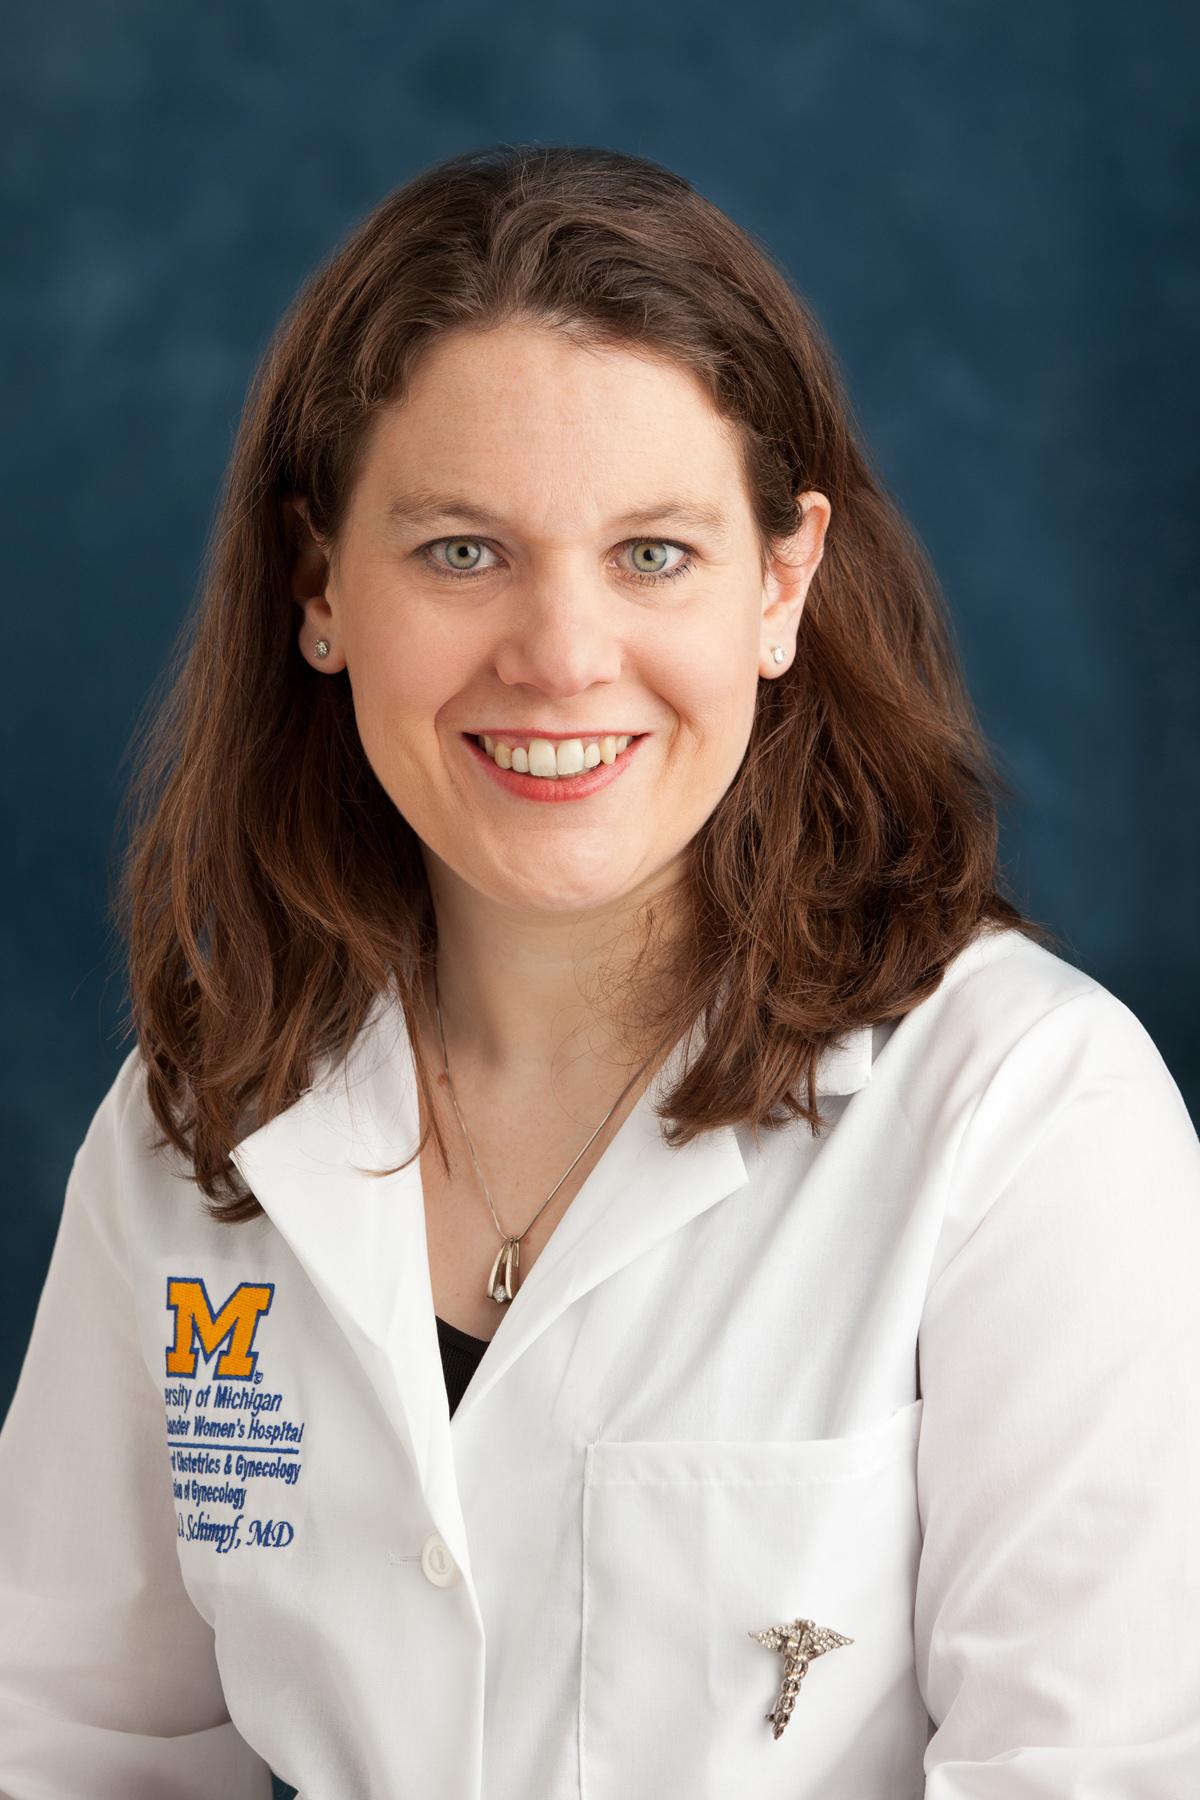 Megan O'Brien Schimpf MD | CS Mott Children's Hospital